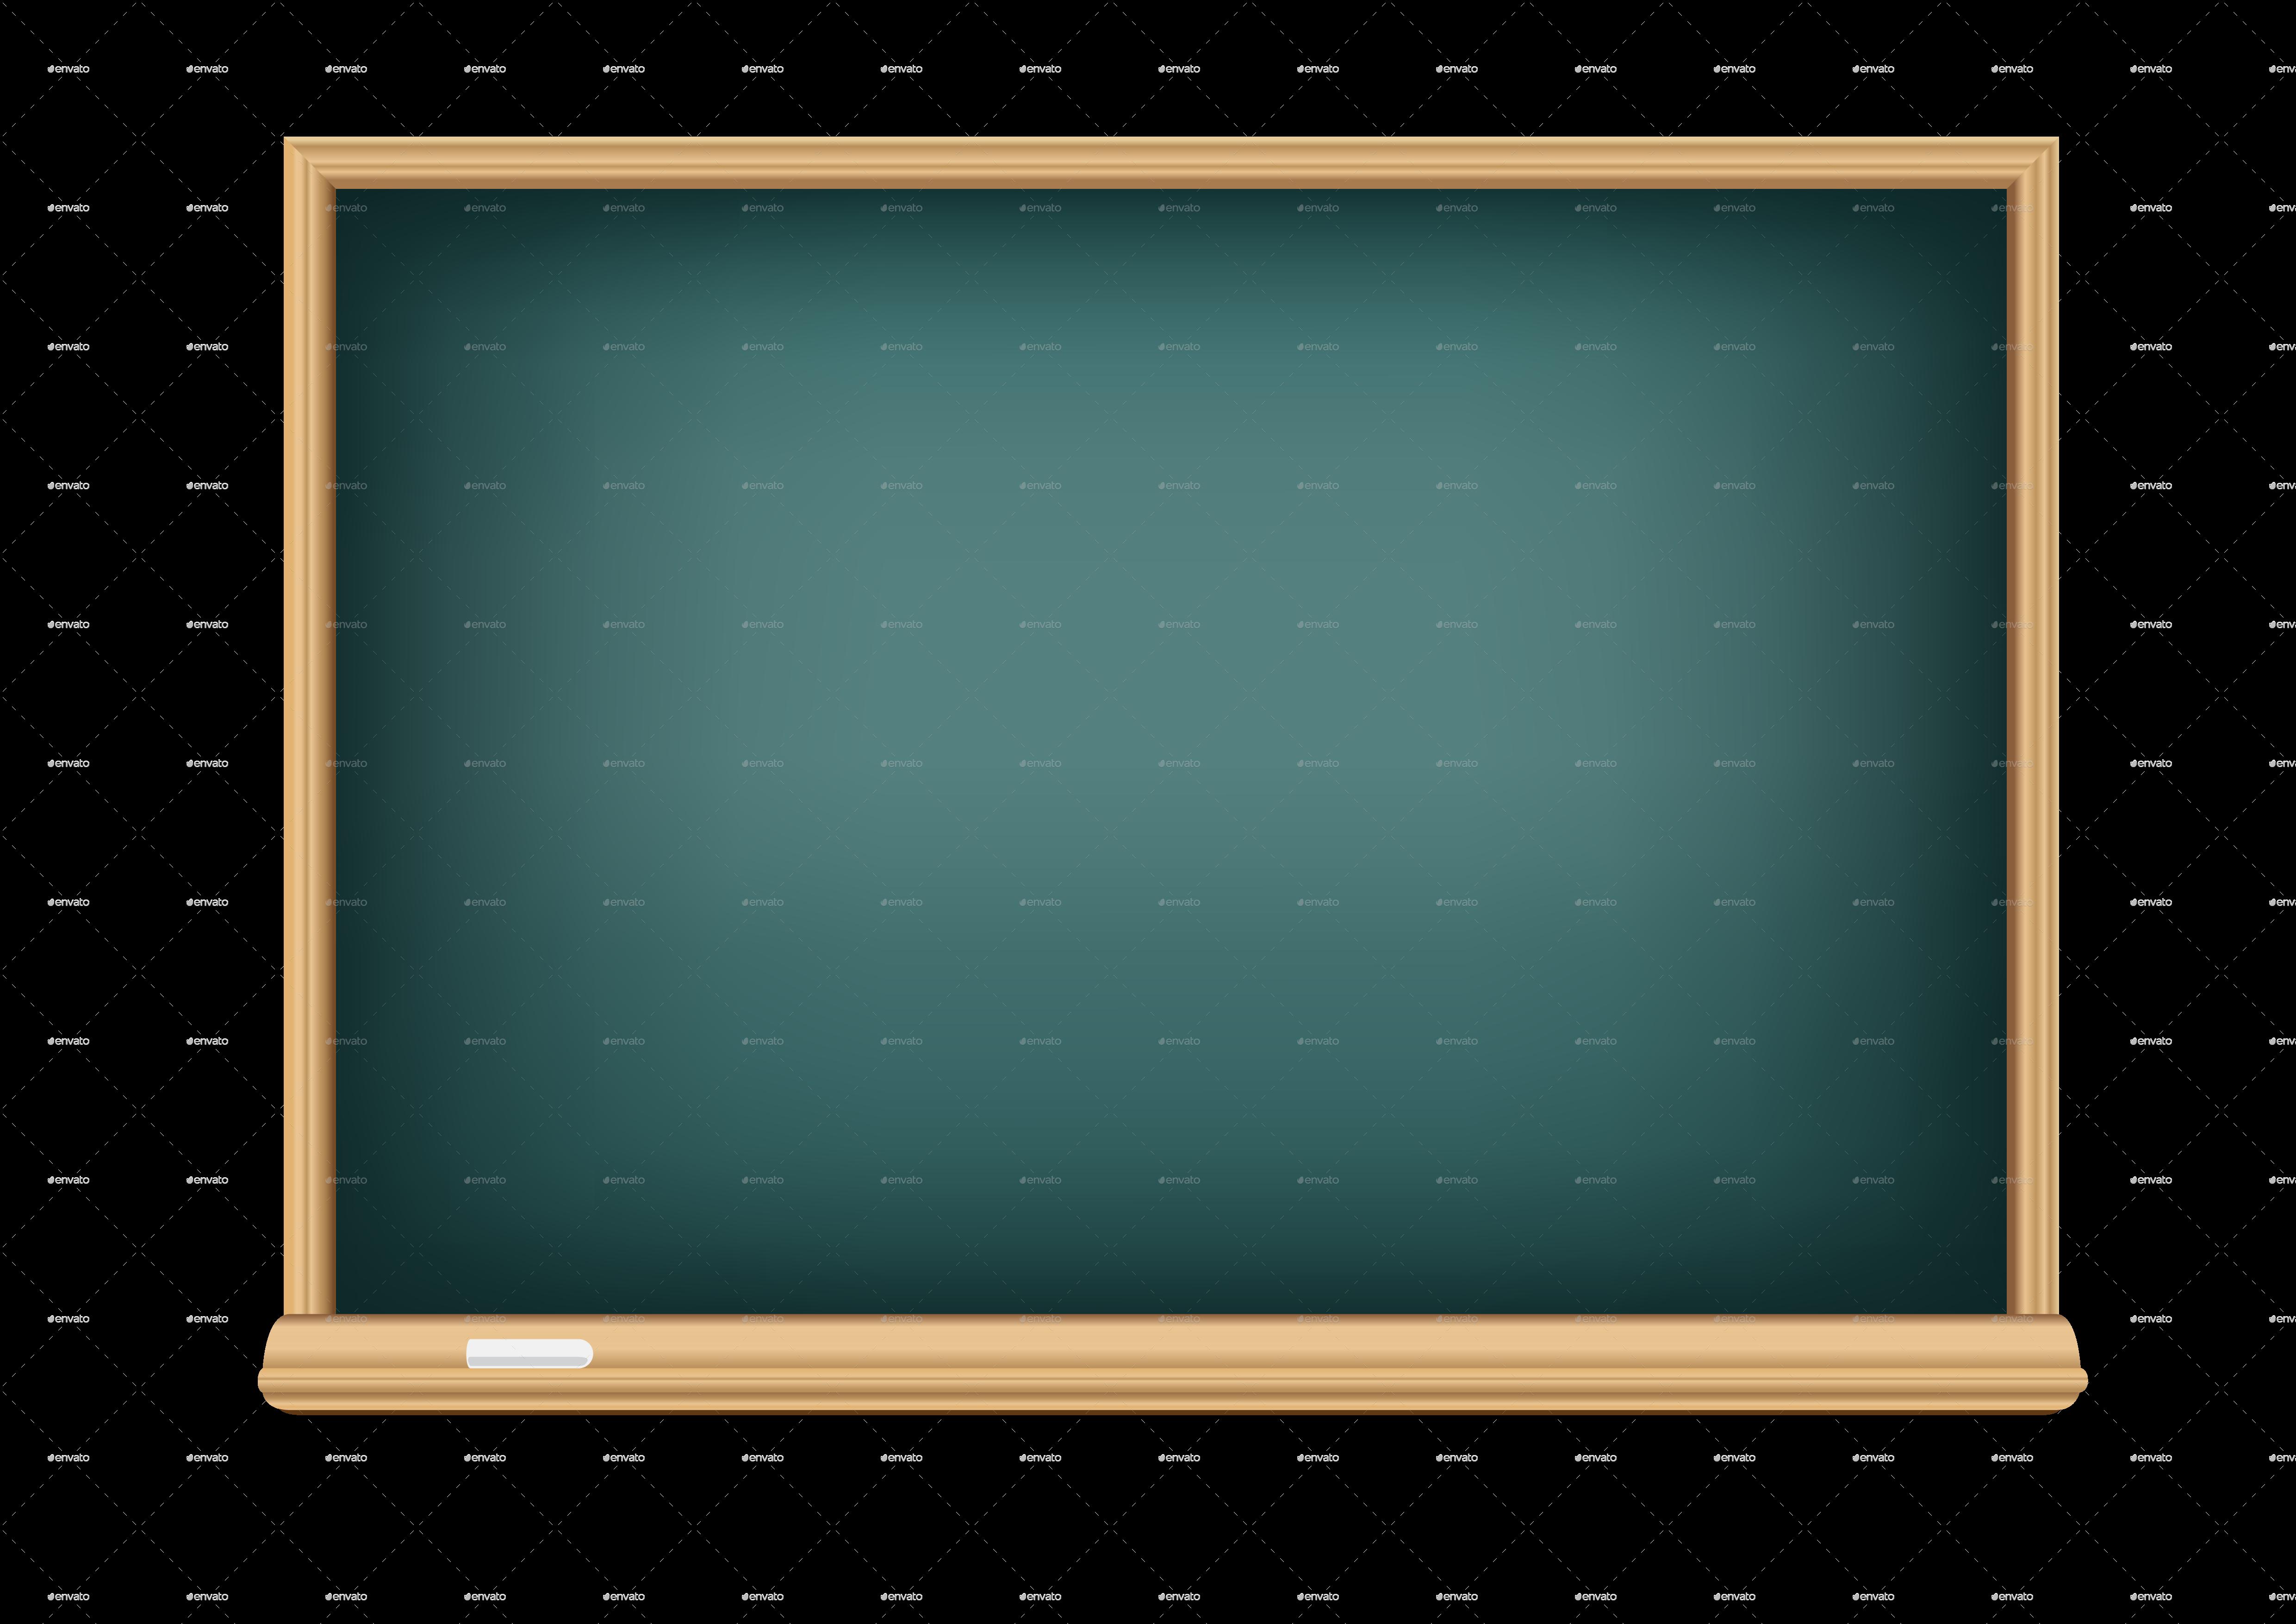 4961 x 3508 png 1229kBBackboard